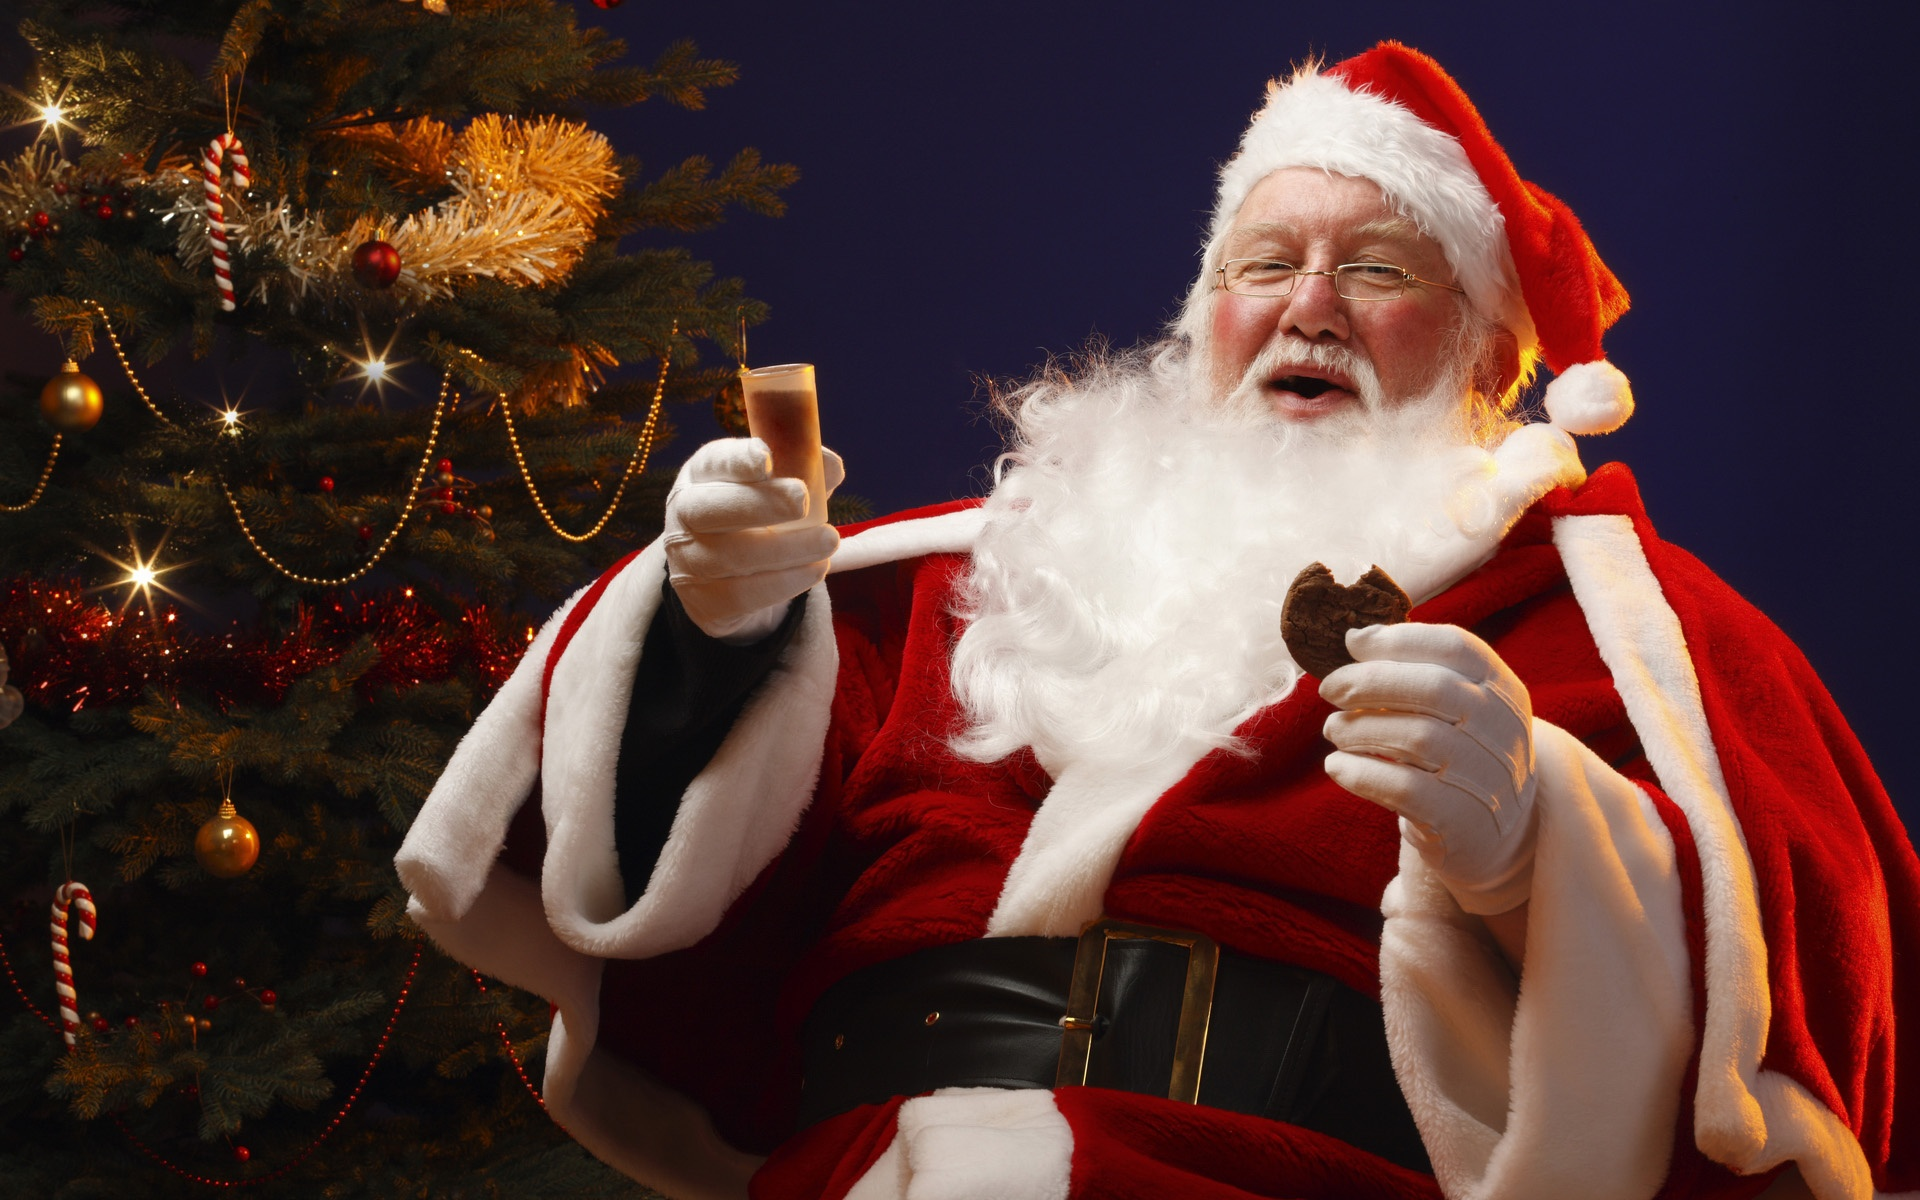 圣诞老人的传说